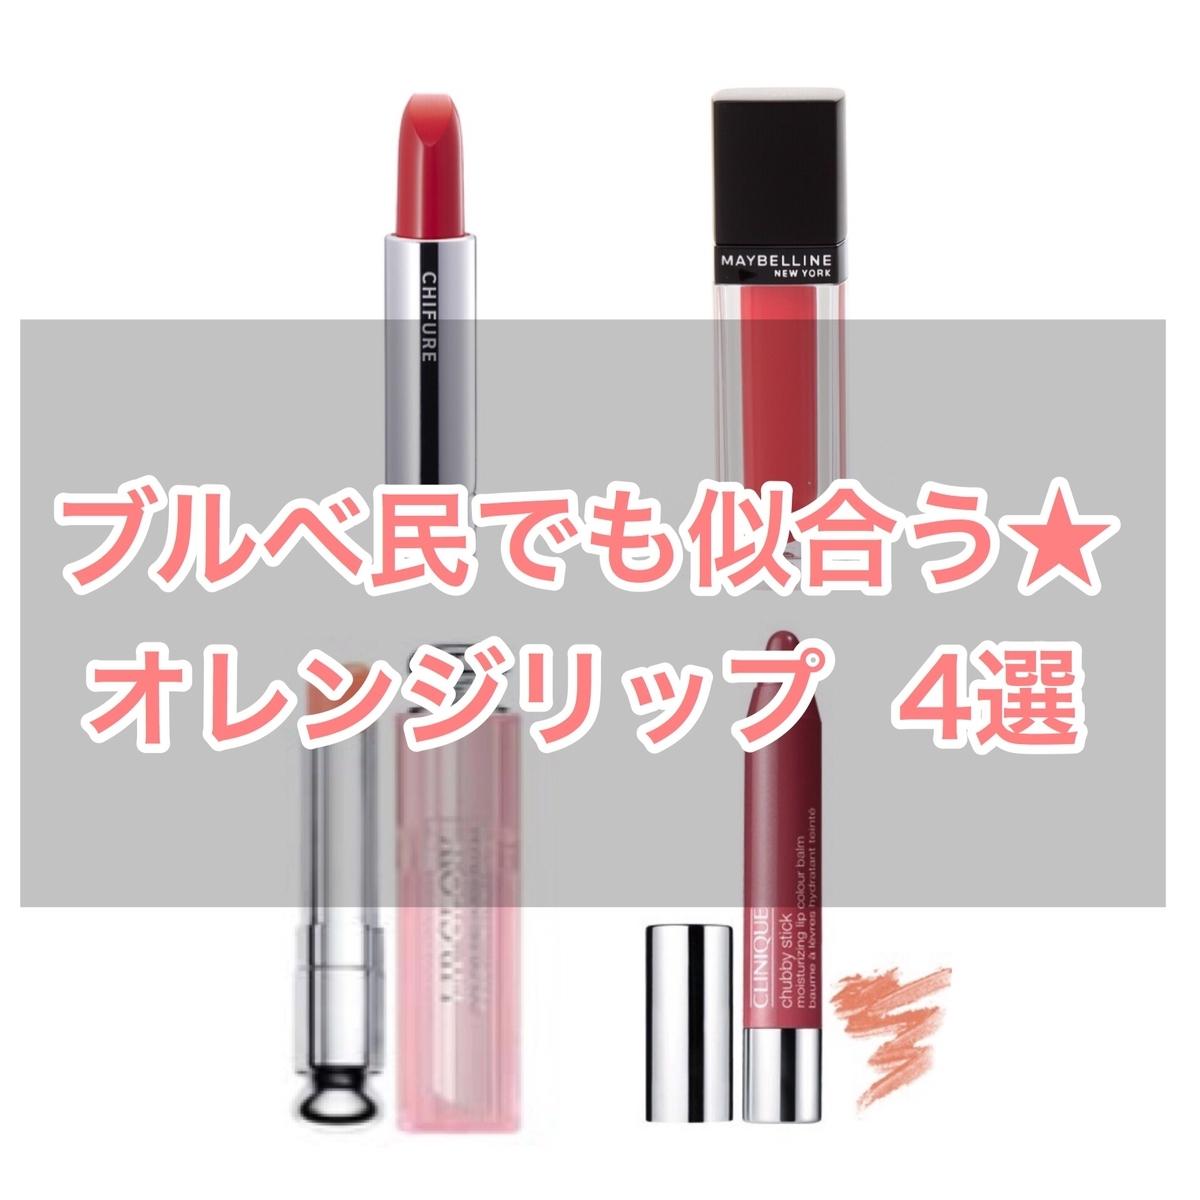 f:id:haru_cosmetics:20190319005635j:plain